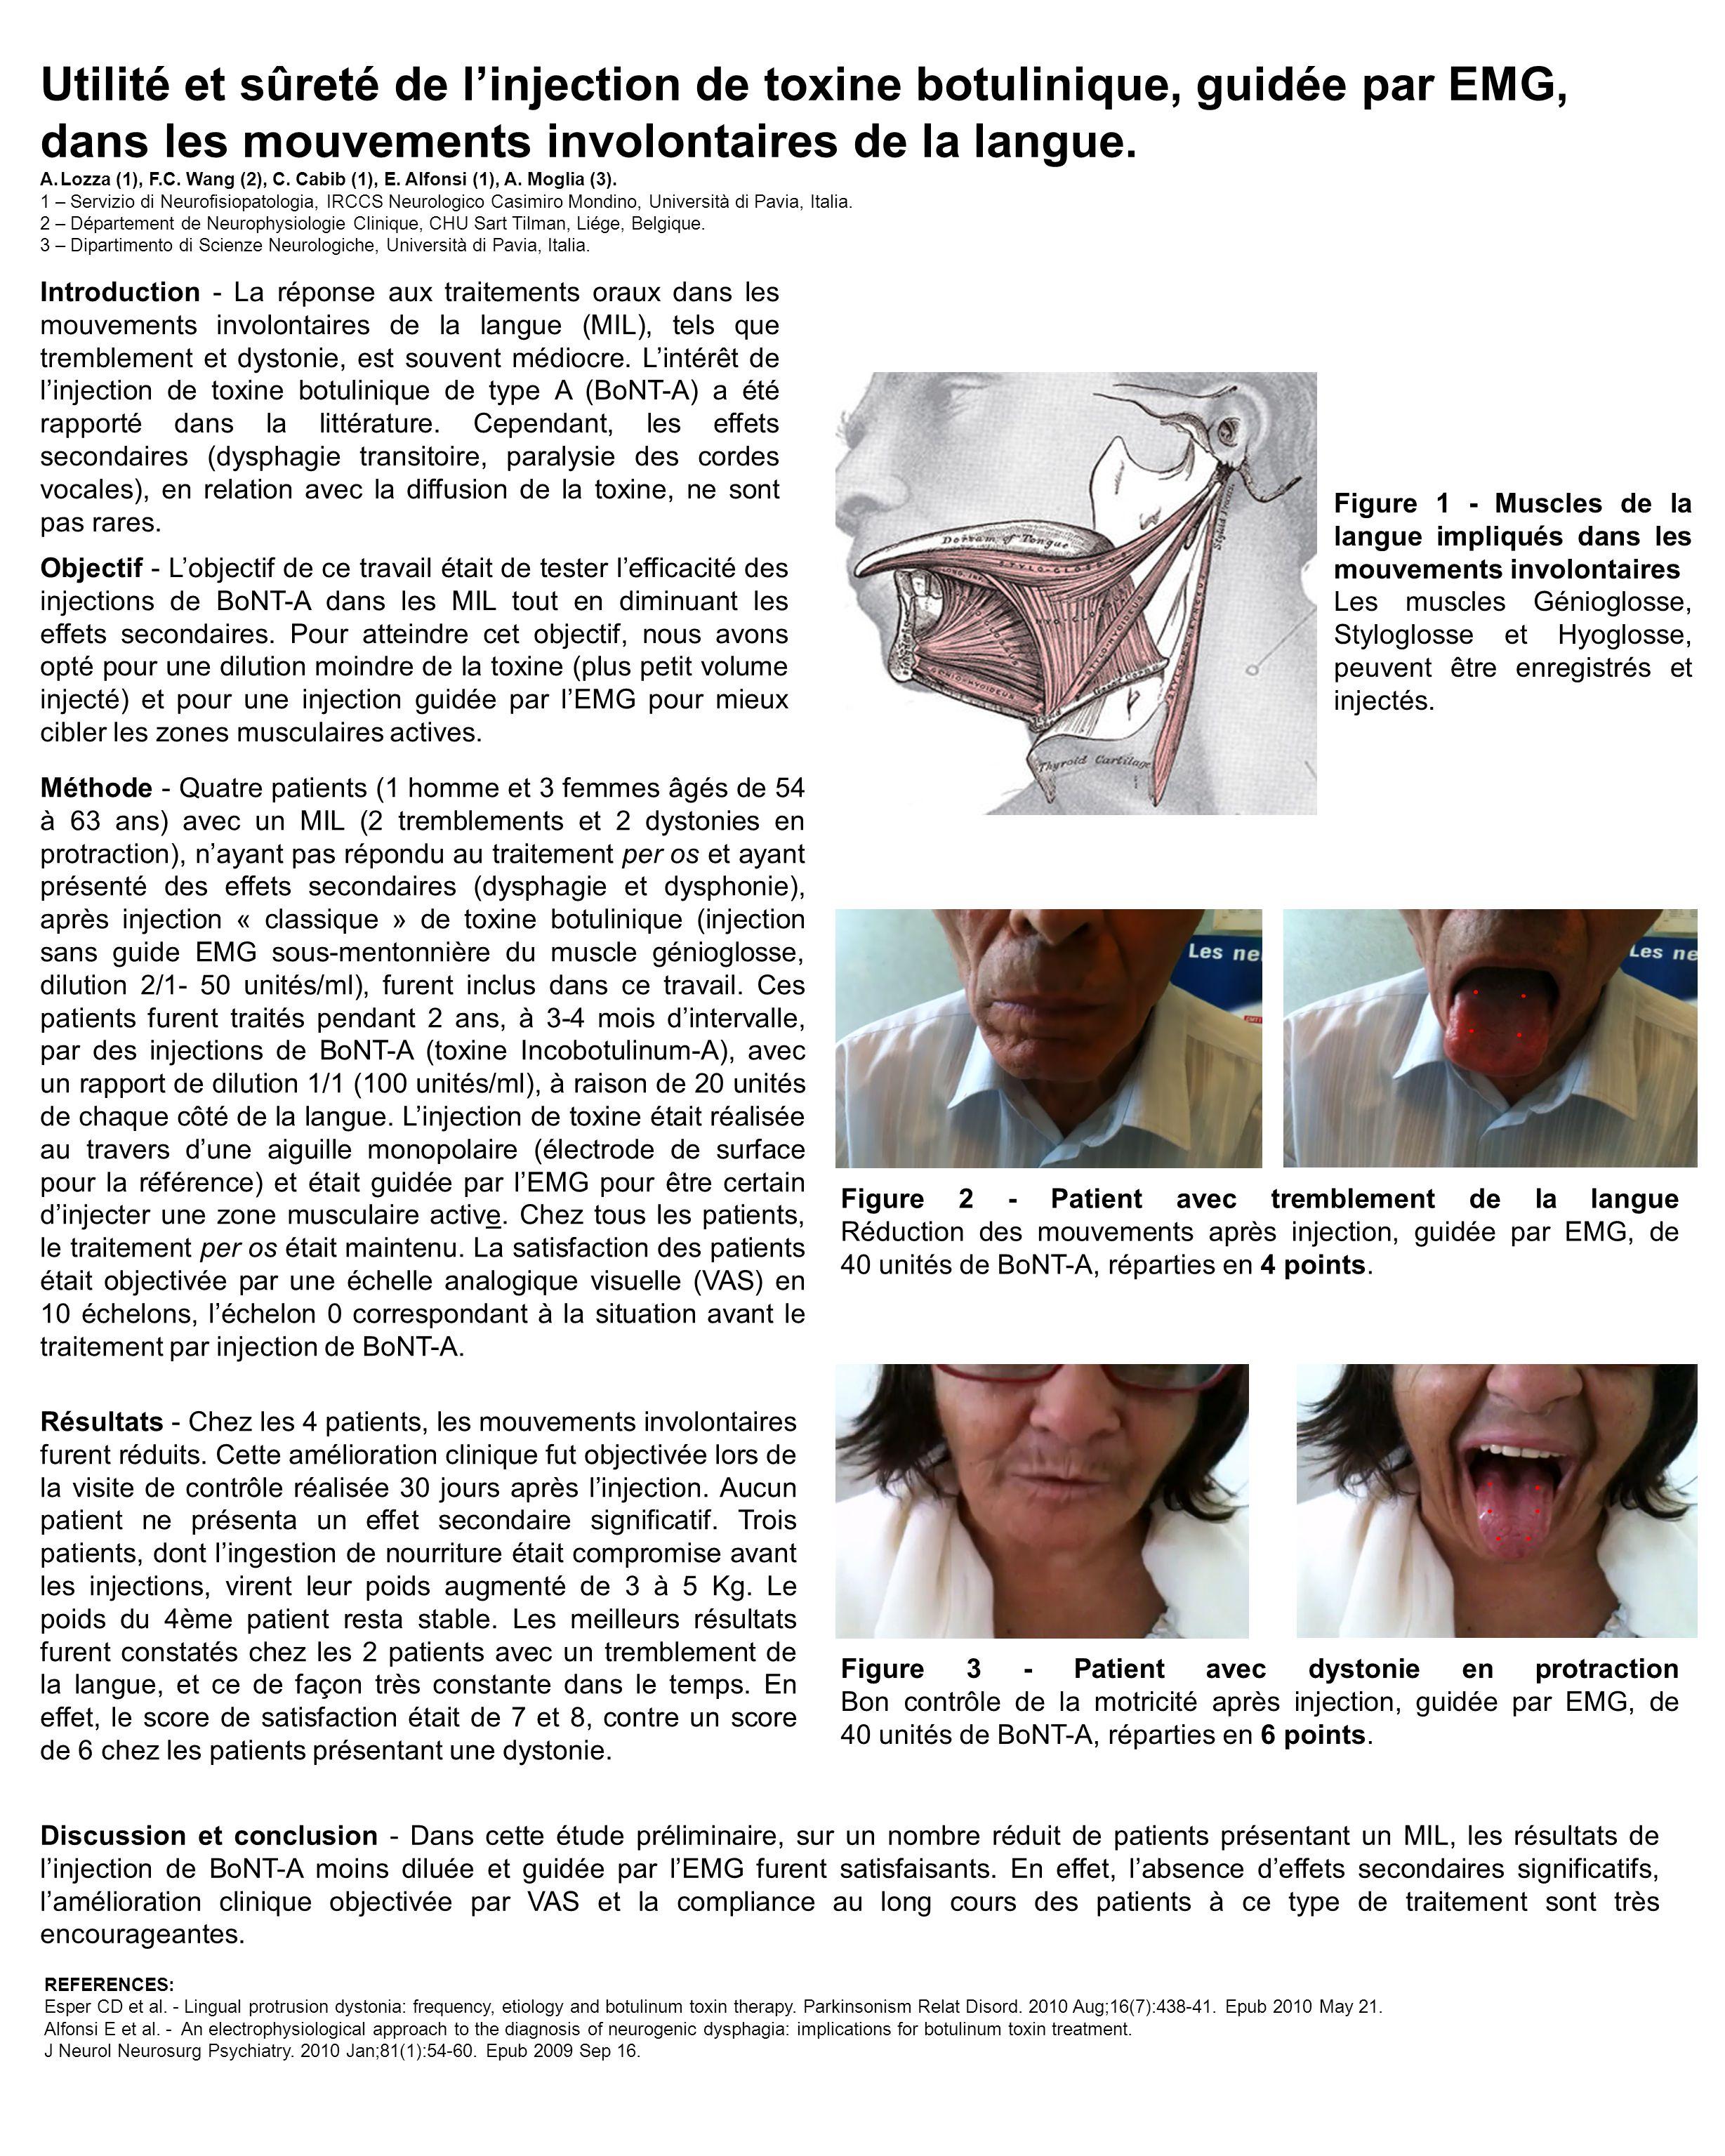 Utilité et sûreté de l'injection de toxine botulinique, guidée par EMG, dans les mouvements involontaires de la langue.